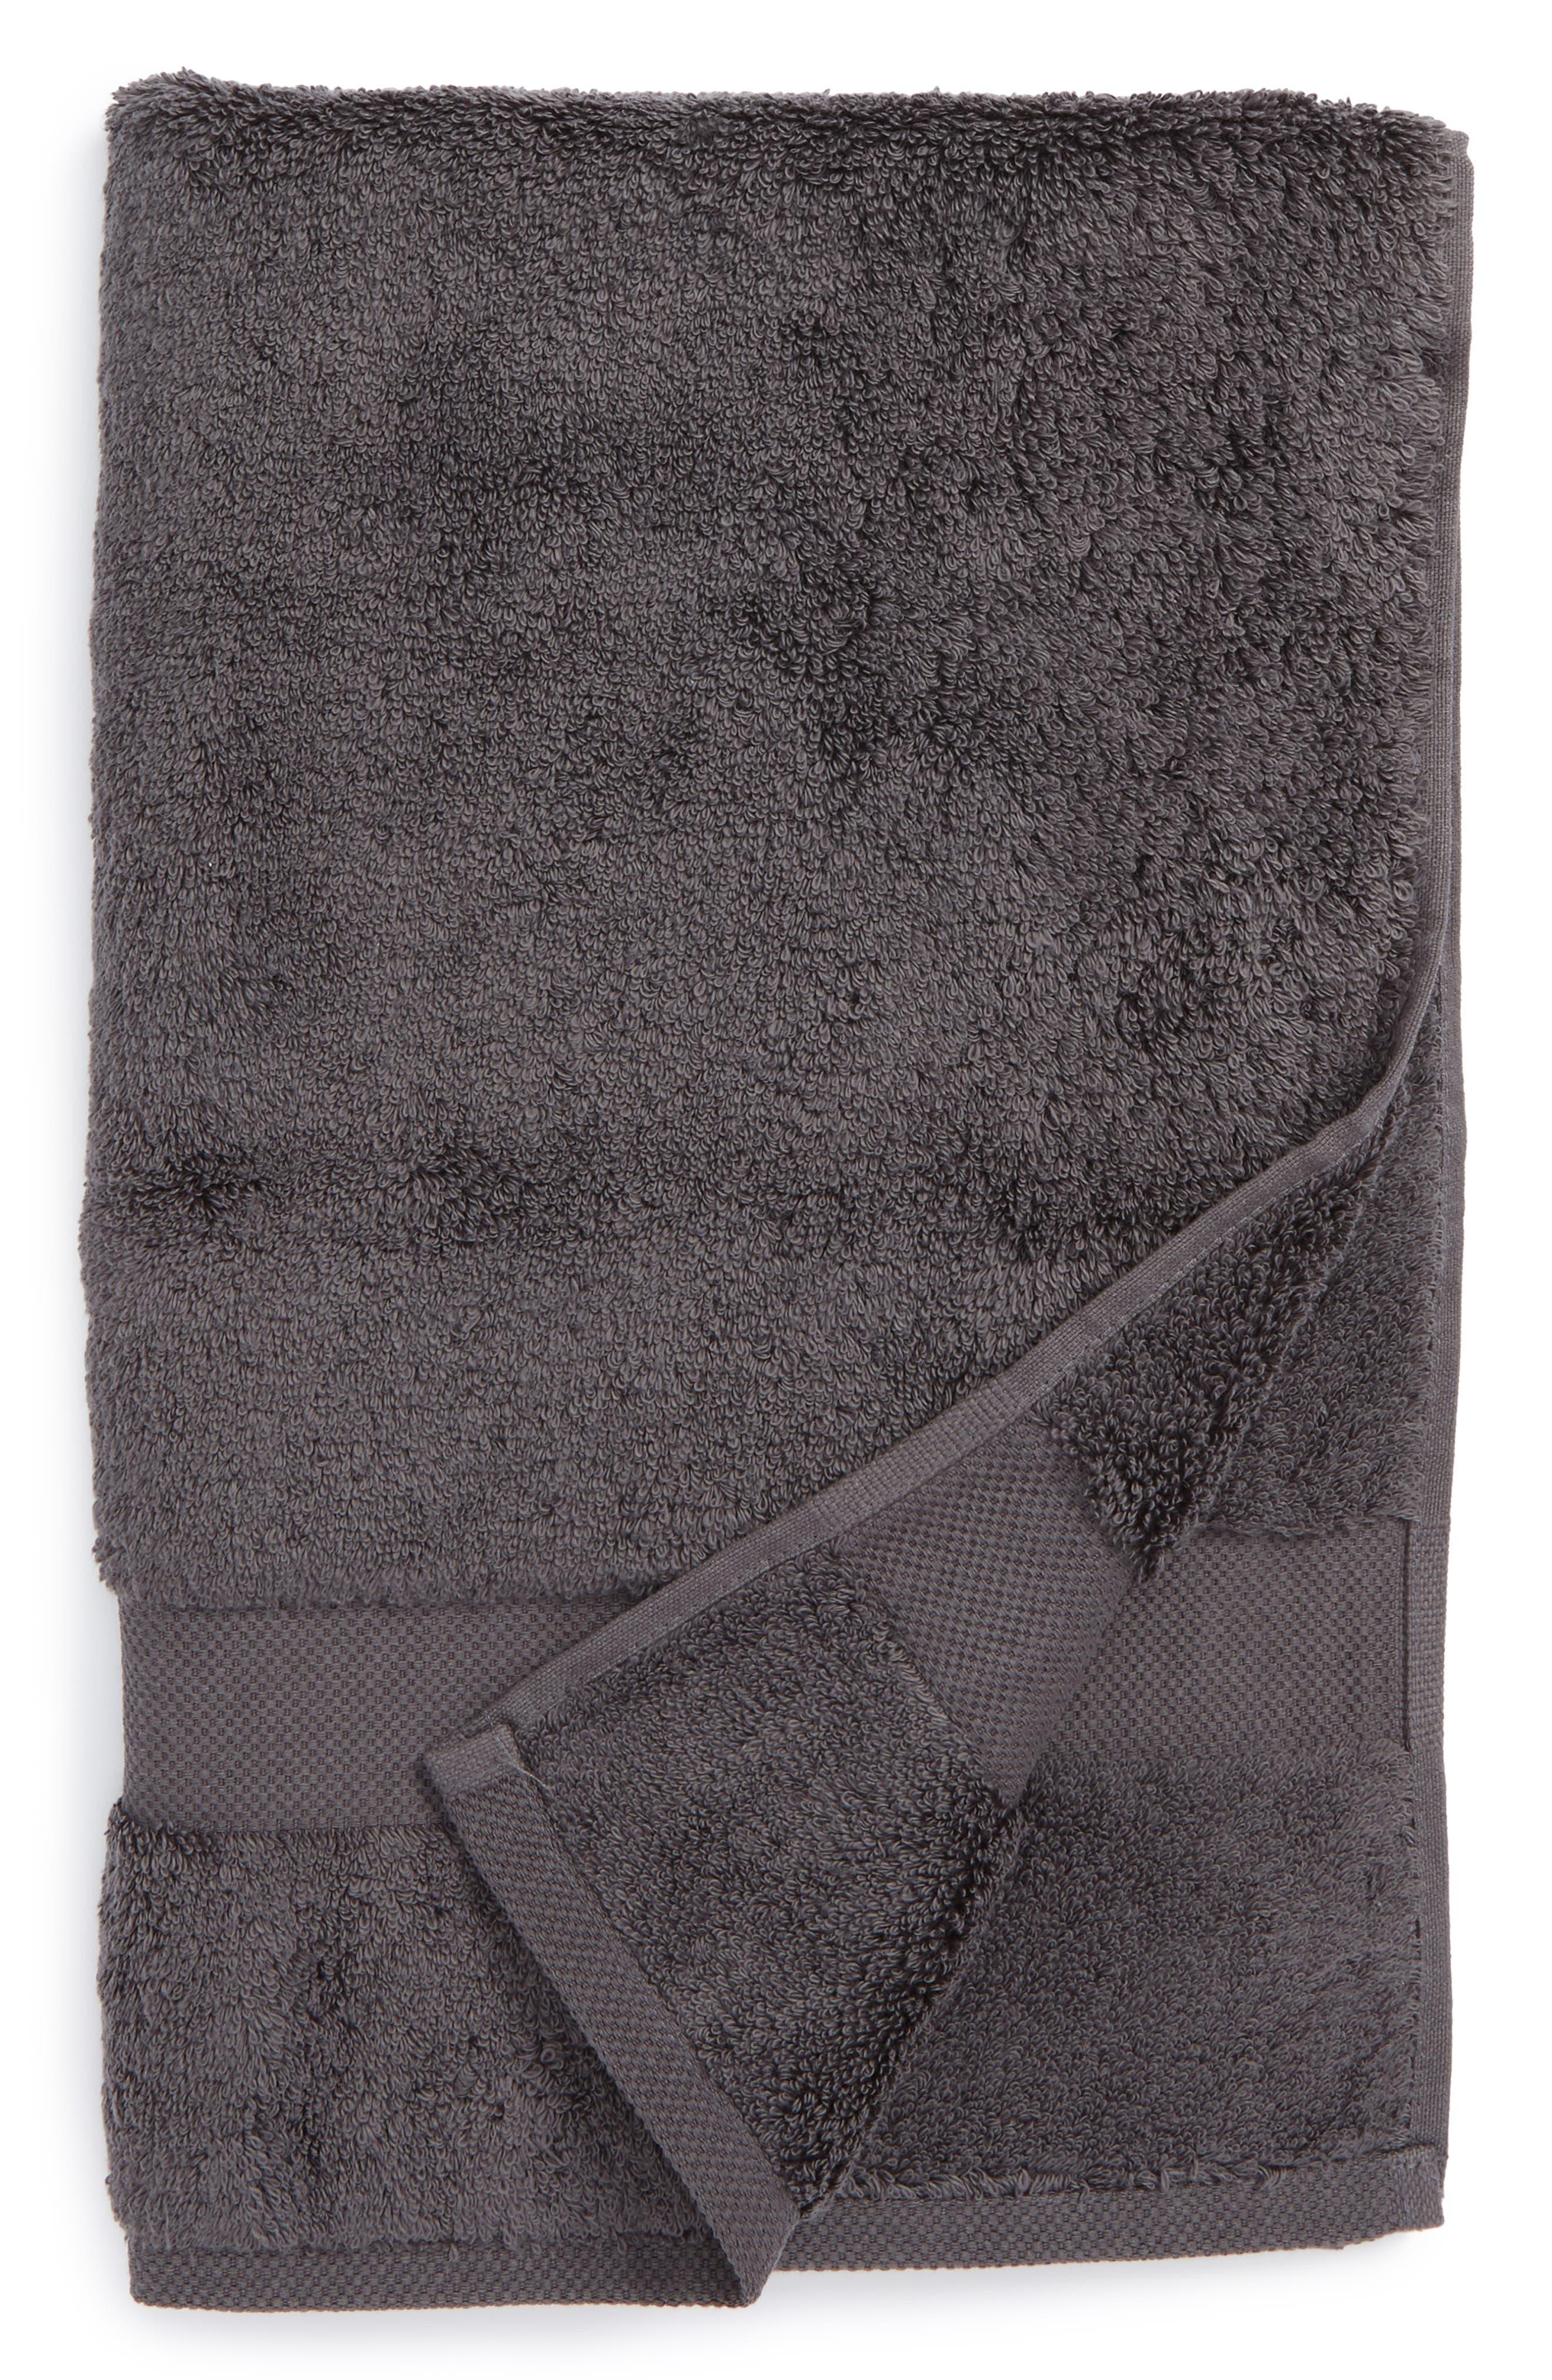 Main Image - Matouk Lotus Hand Towel